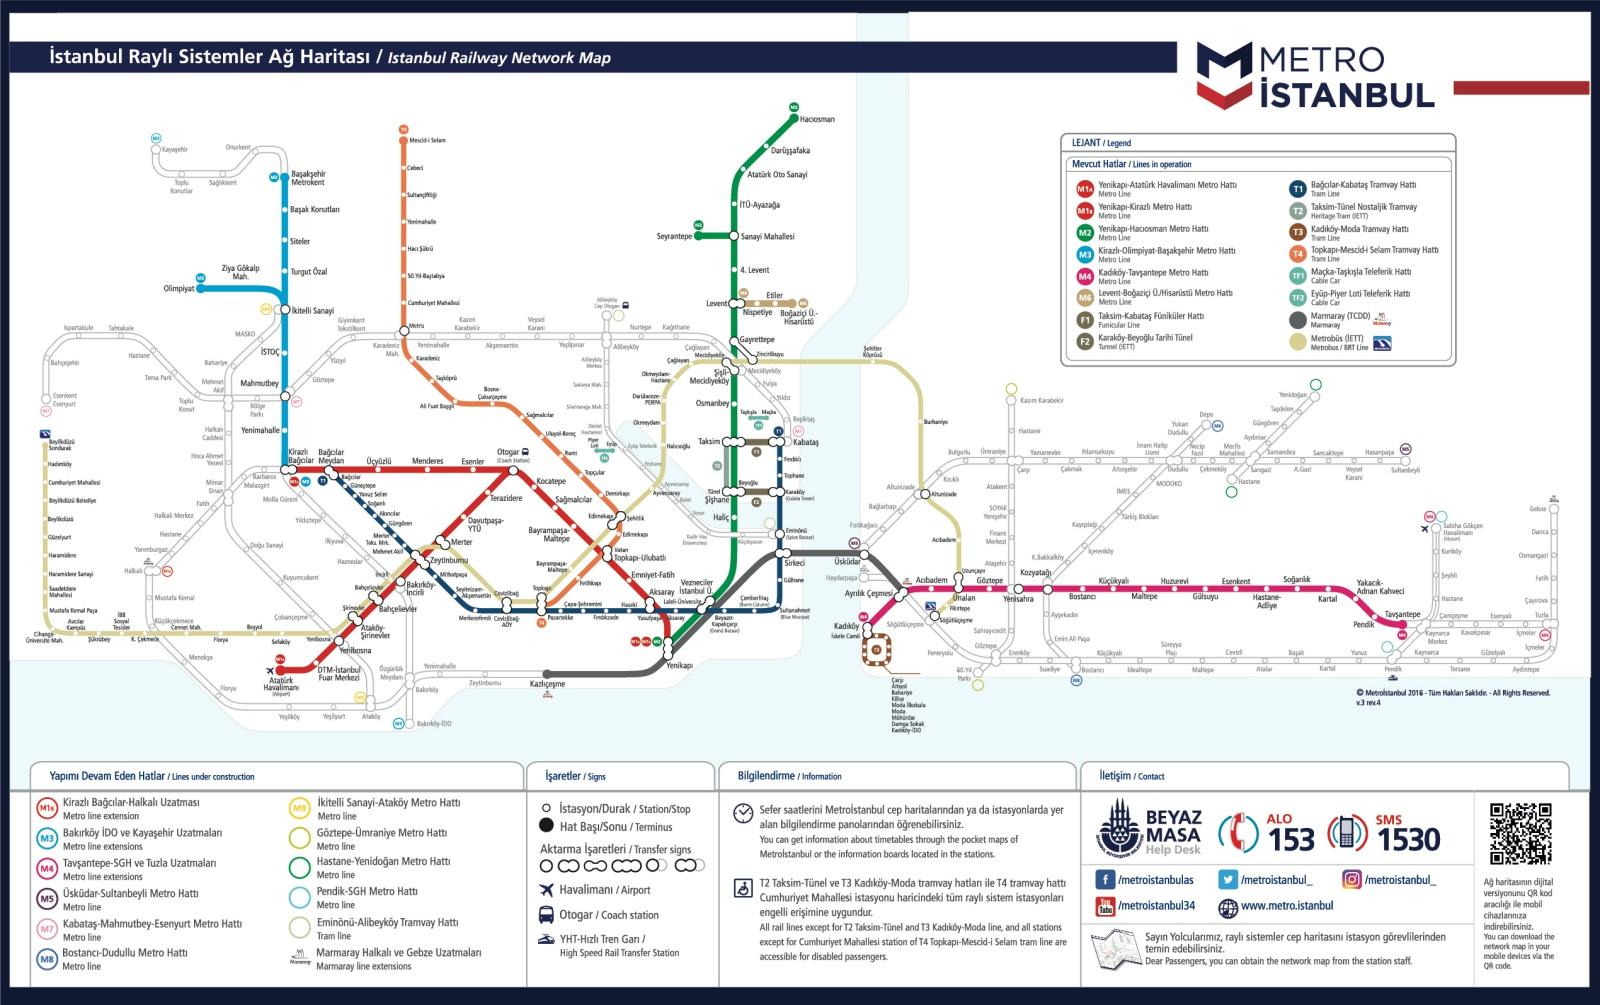 İstanbul raylı sistem haritası